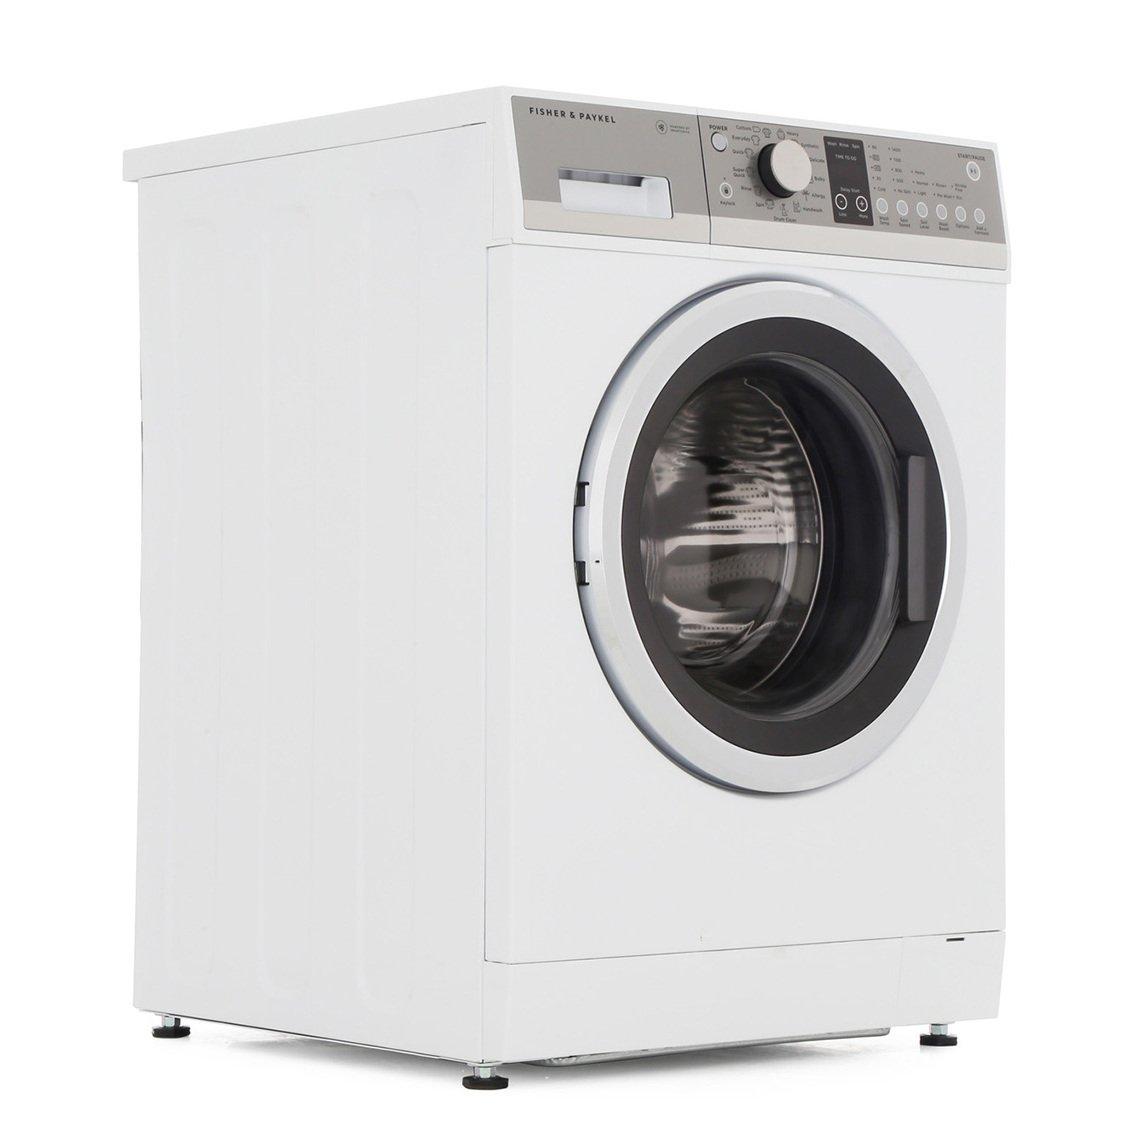 Buy Fisher Amp Paykel Wm1490p1 Washing Machine 98138